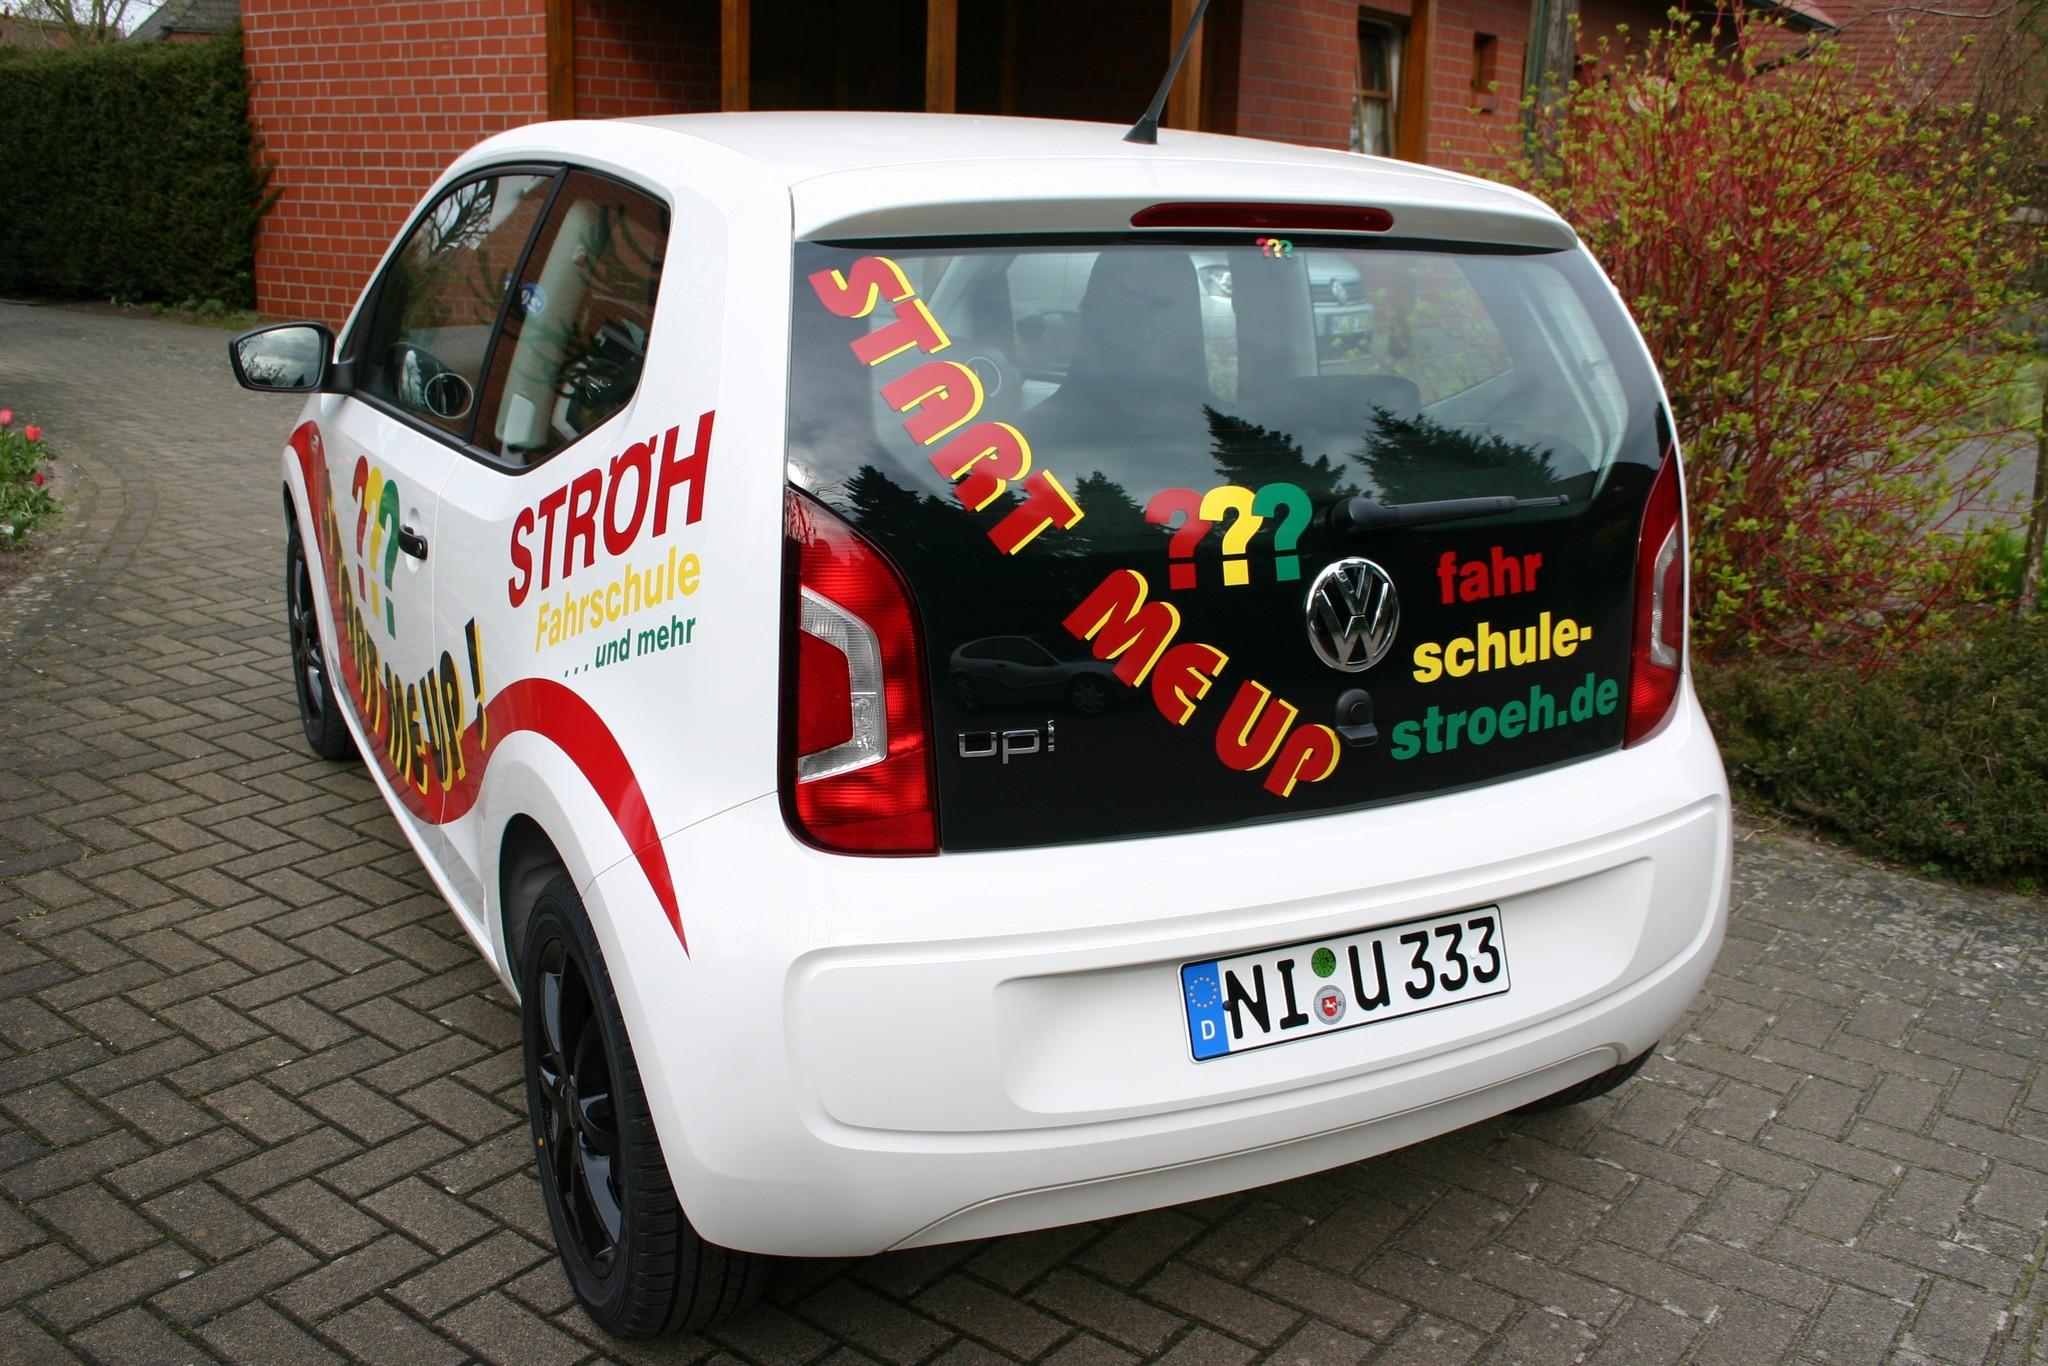 Ströh Fahrschule